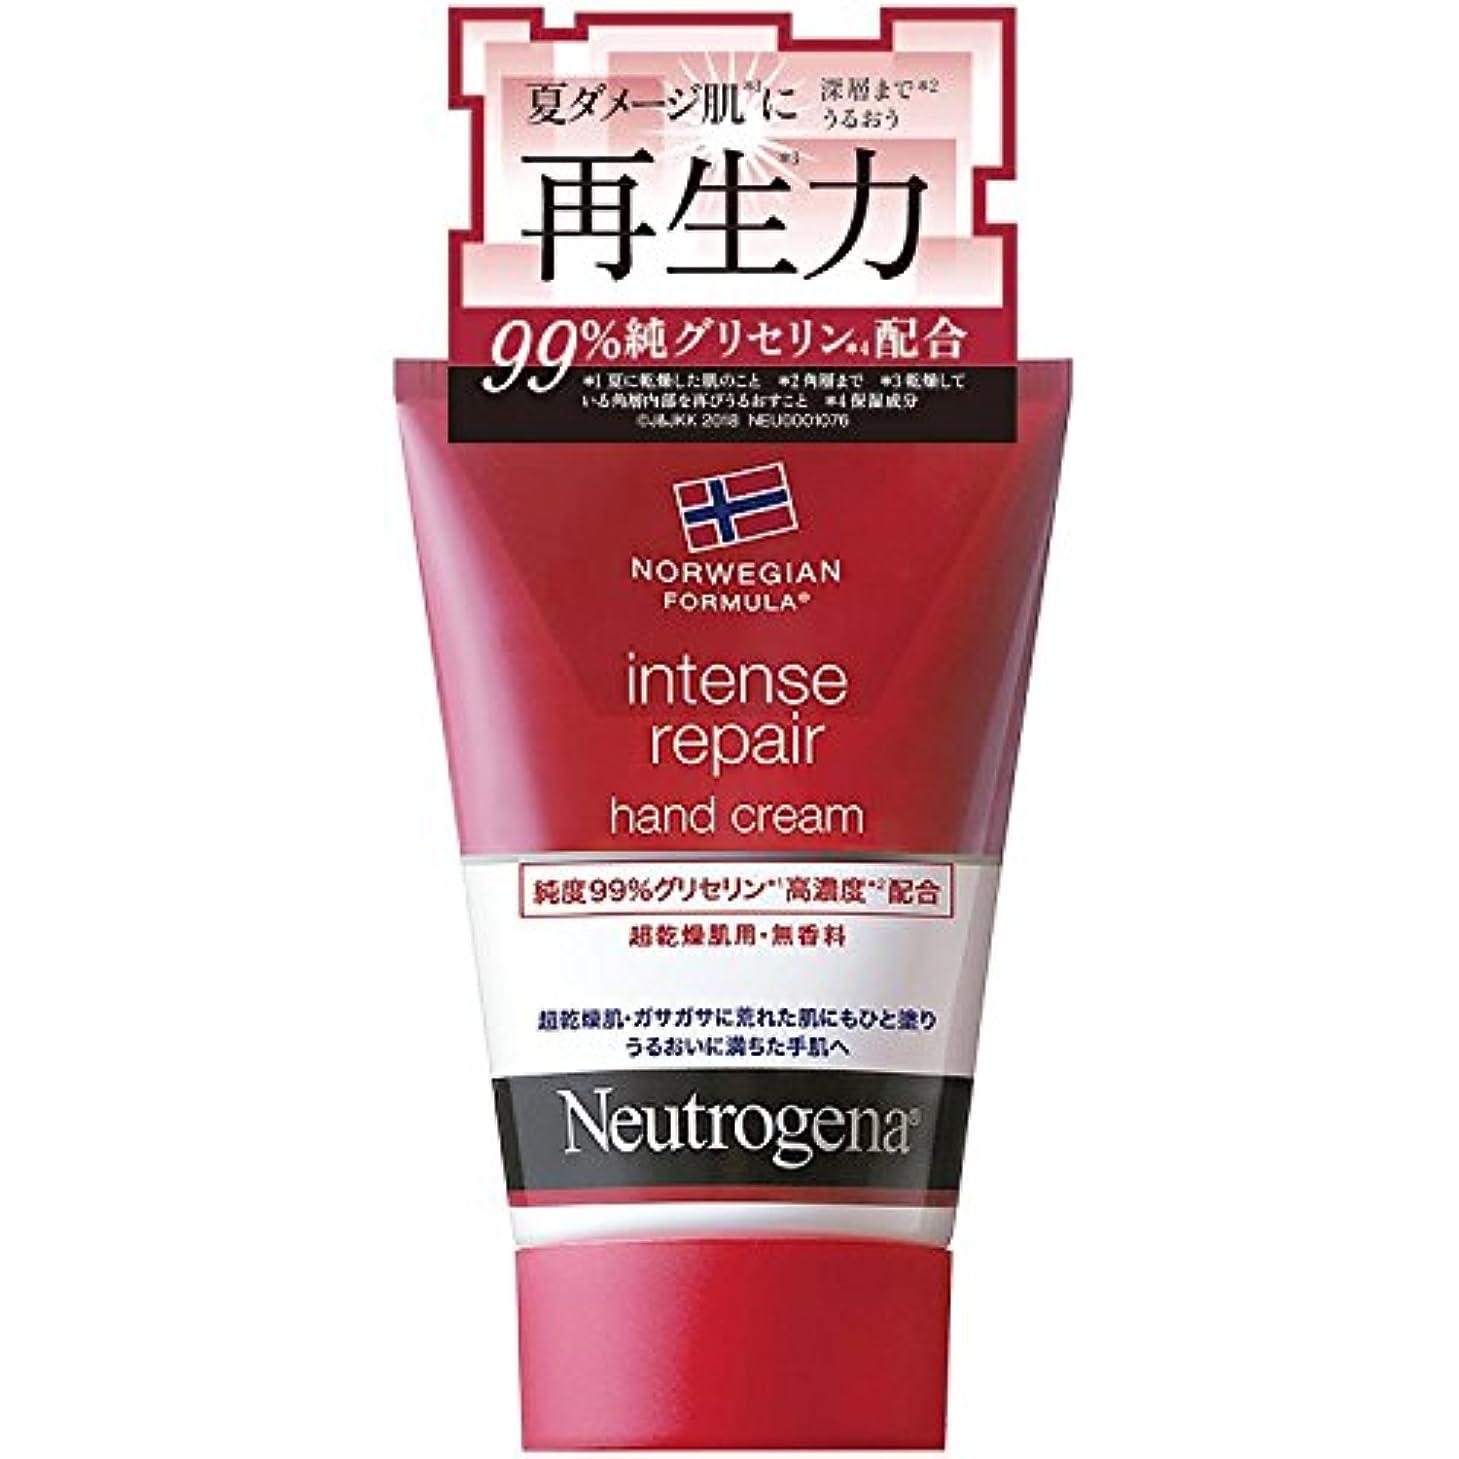 やさしく一時停止子音Neutrogena(ニュートロジーナ) ノルウェーフォーミュラ インテンスリペア ハンドクリーム 超乾燥肌用 無香料 単品 50g